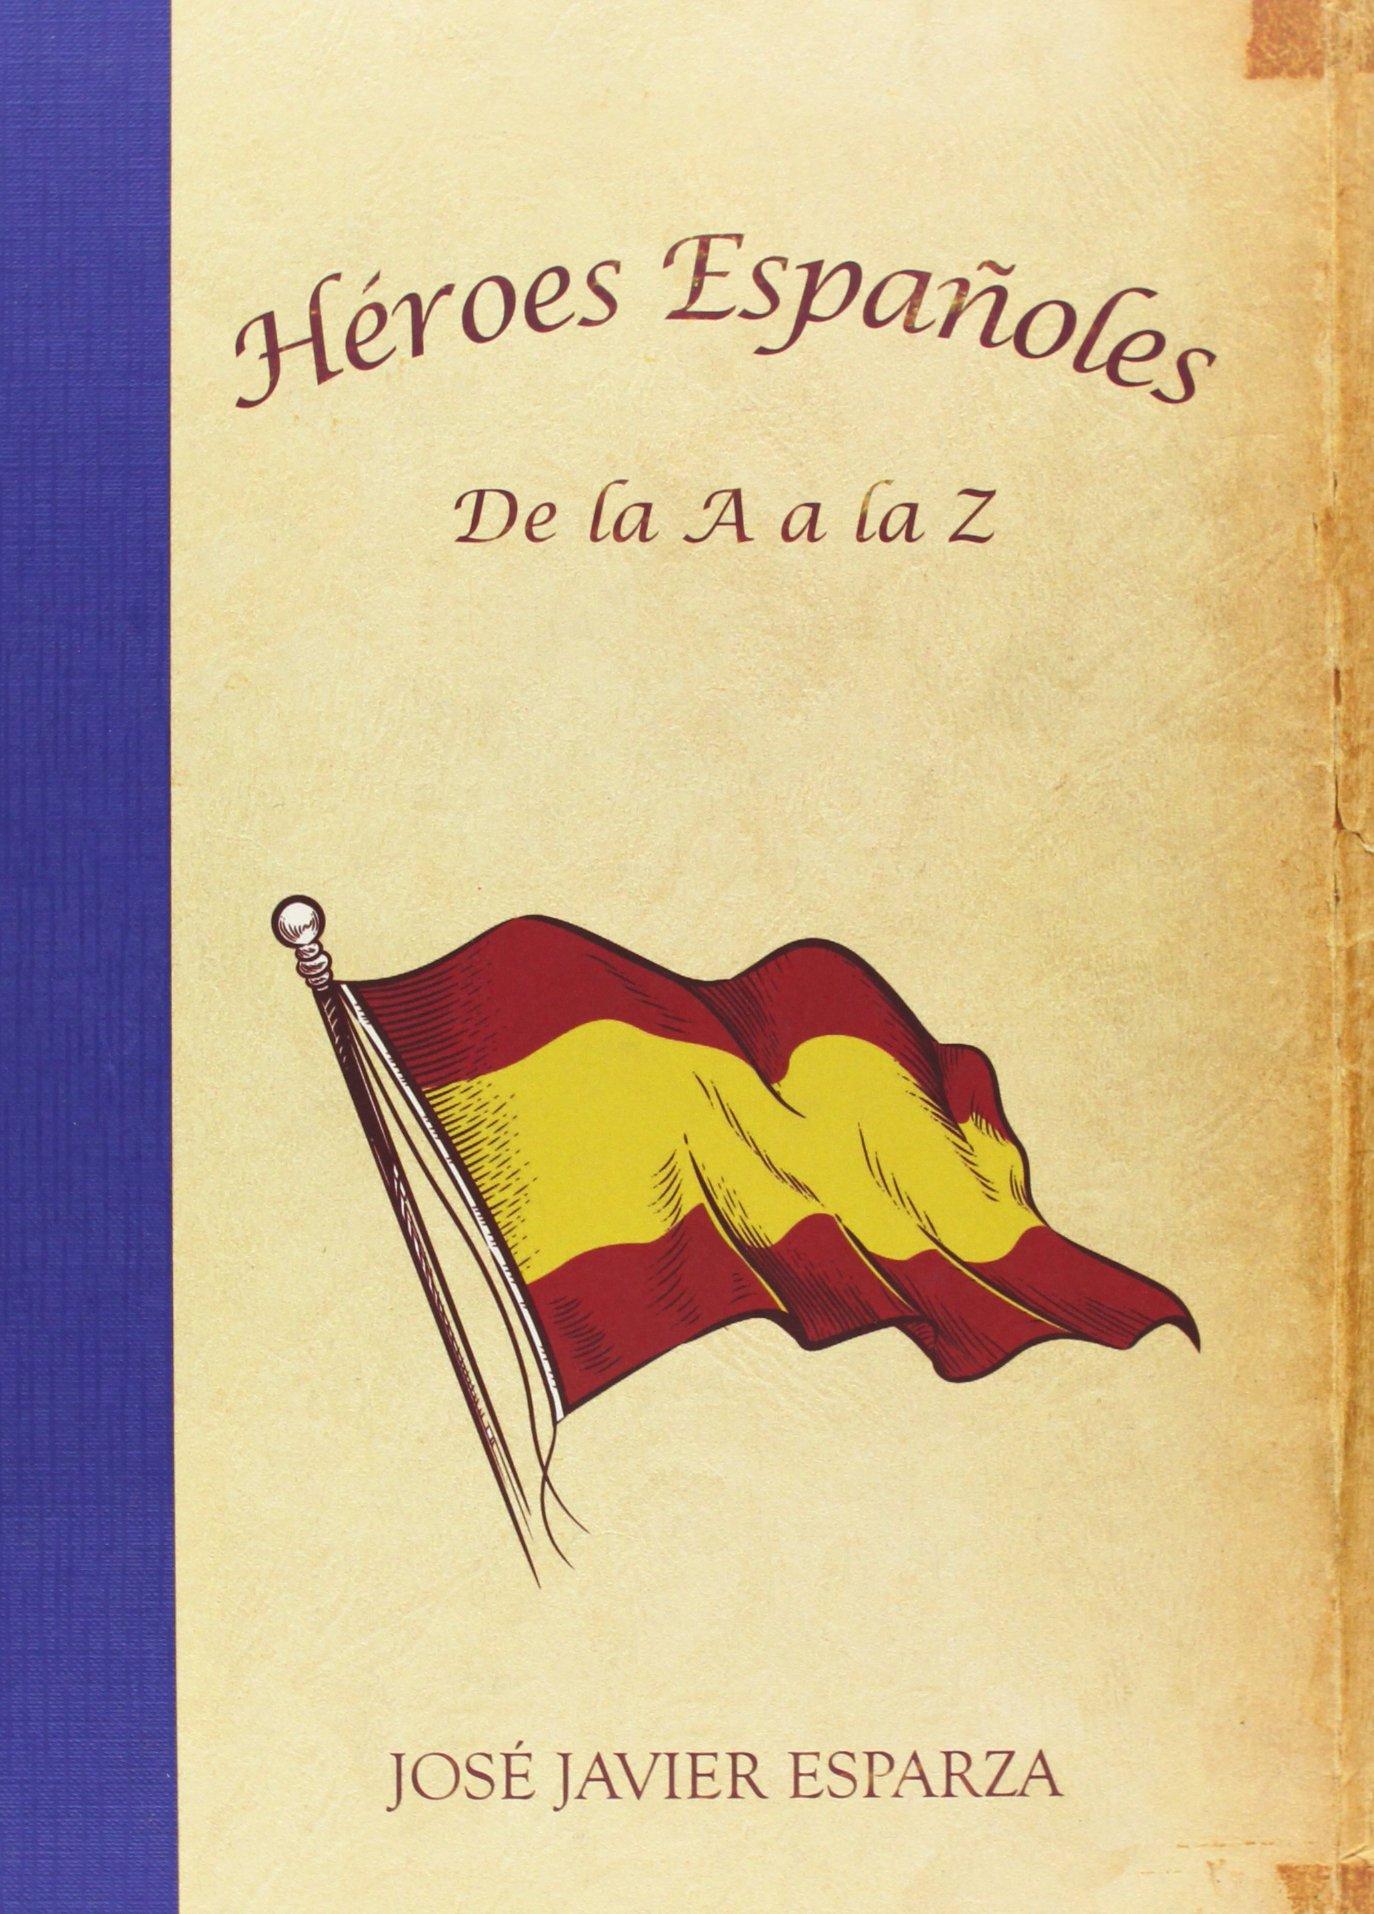 Héroes españoles de la A a la Z: Amazon.es: Esparza, José Javier: Libros